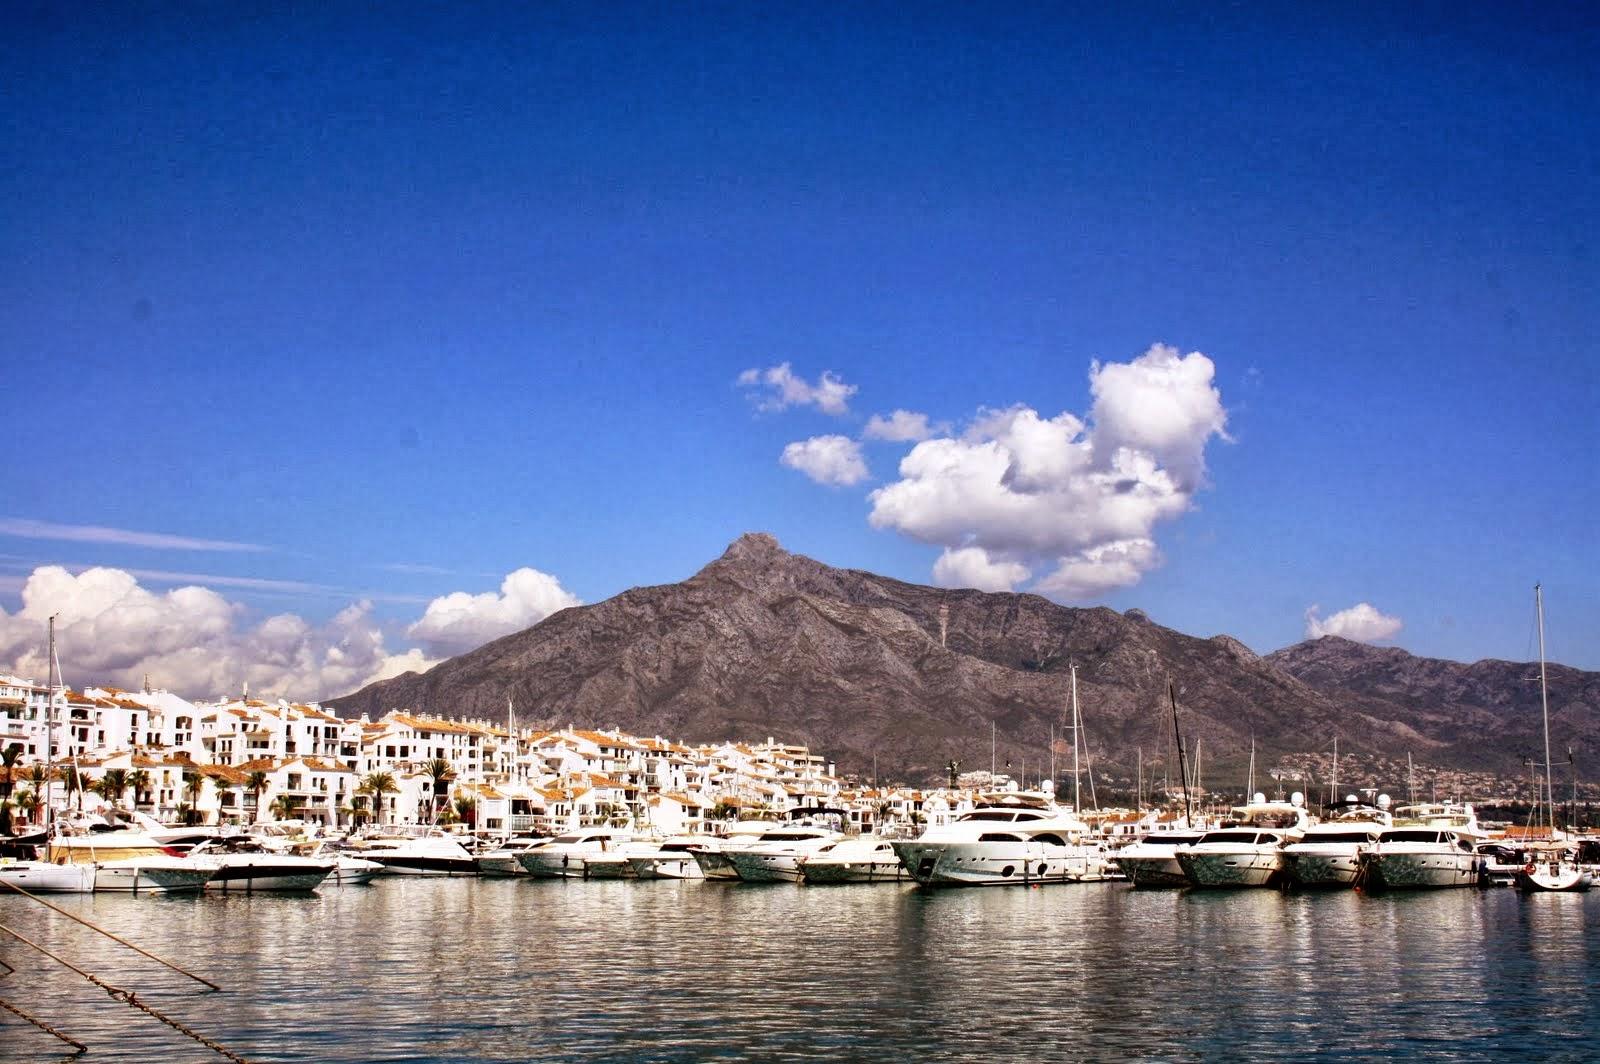 Puerto banus spain travel guide - Puerto banus marbella ...